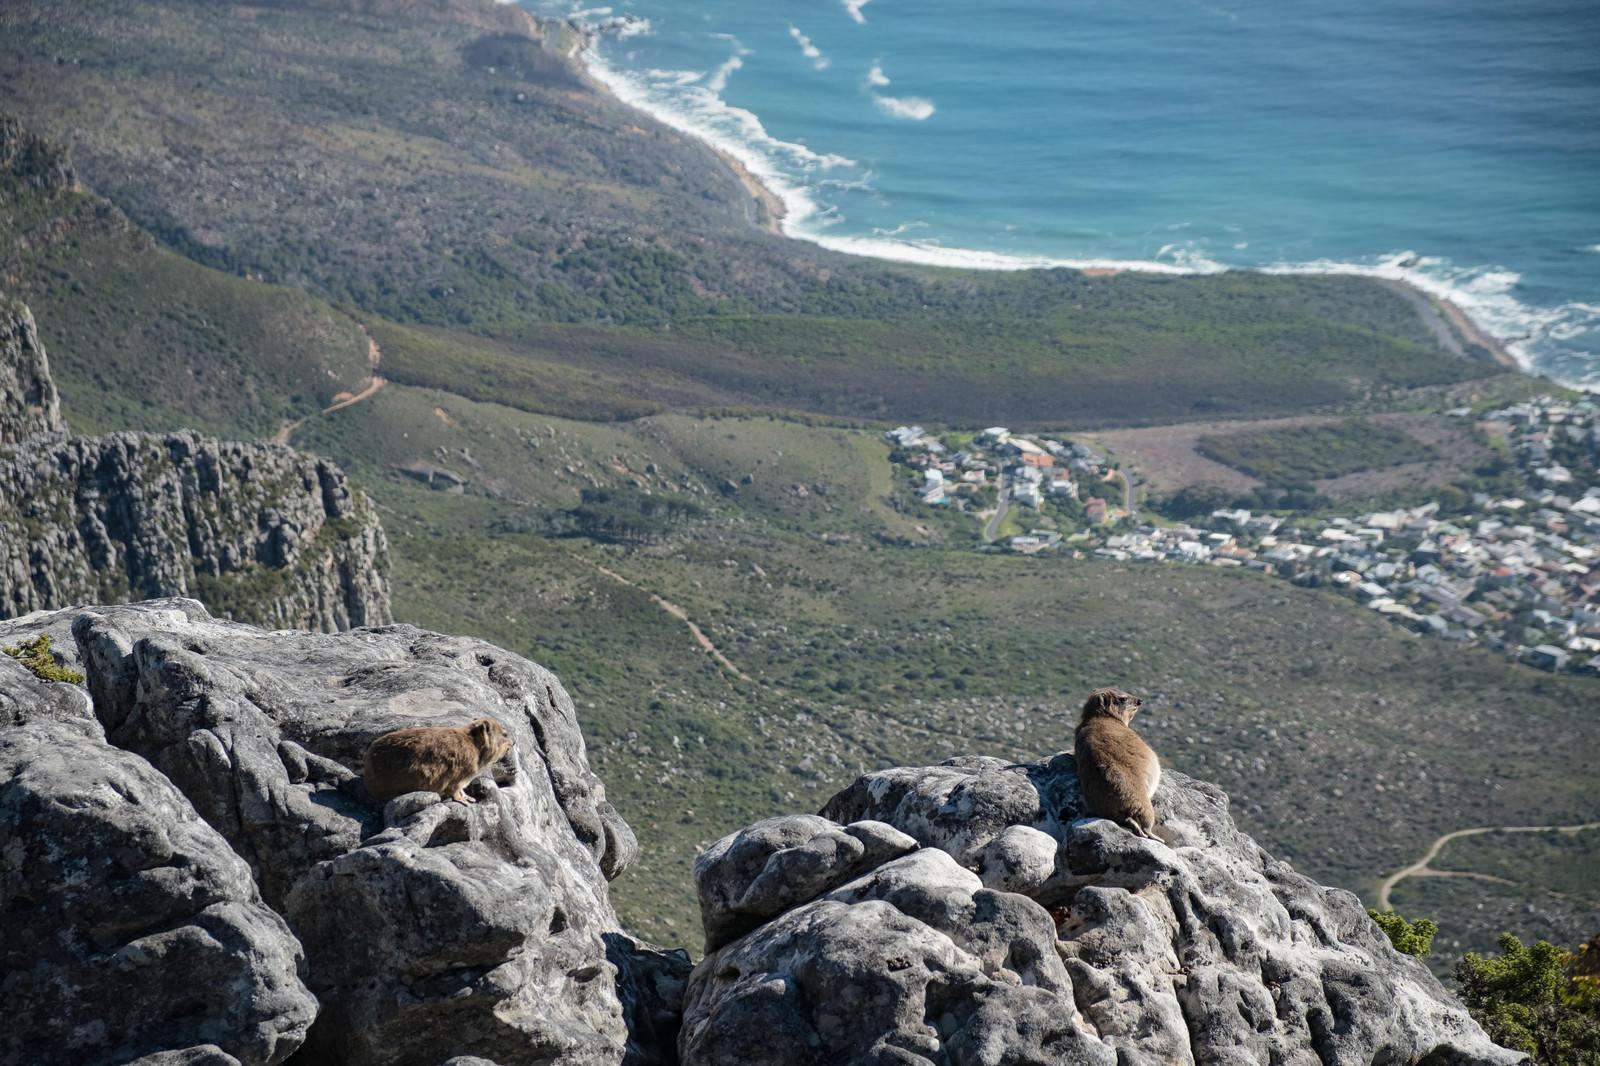 「テーブルマウンテンに生息するケープハイラックス(南アフリカ)」の写真